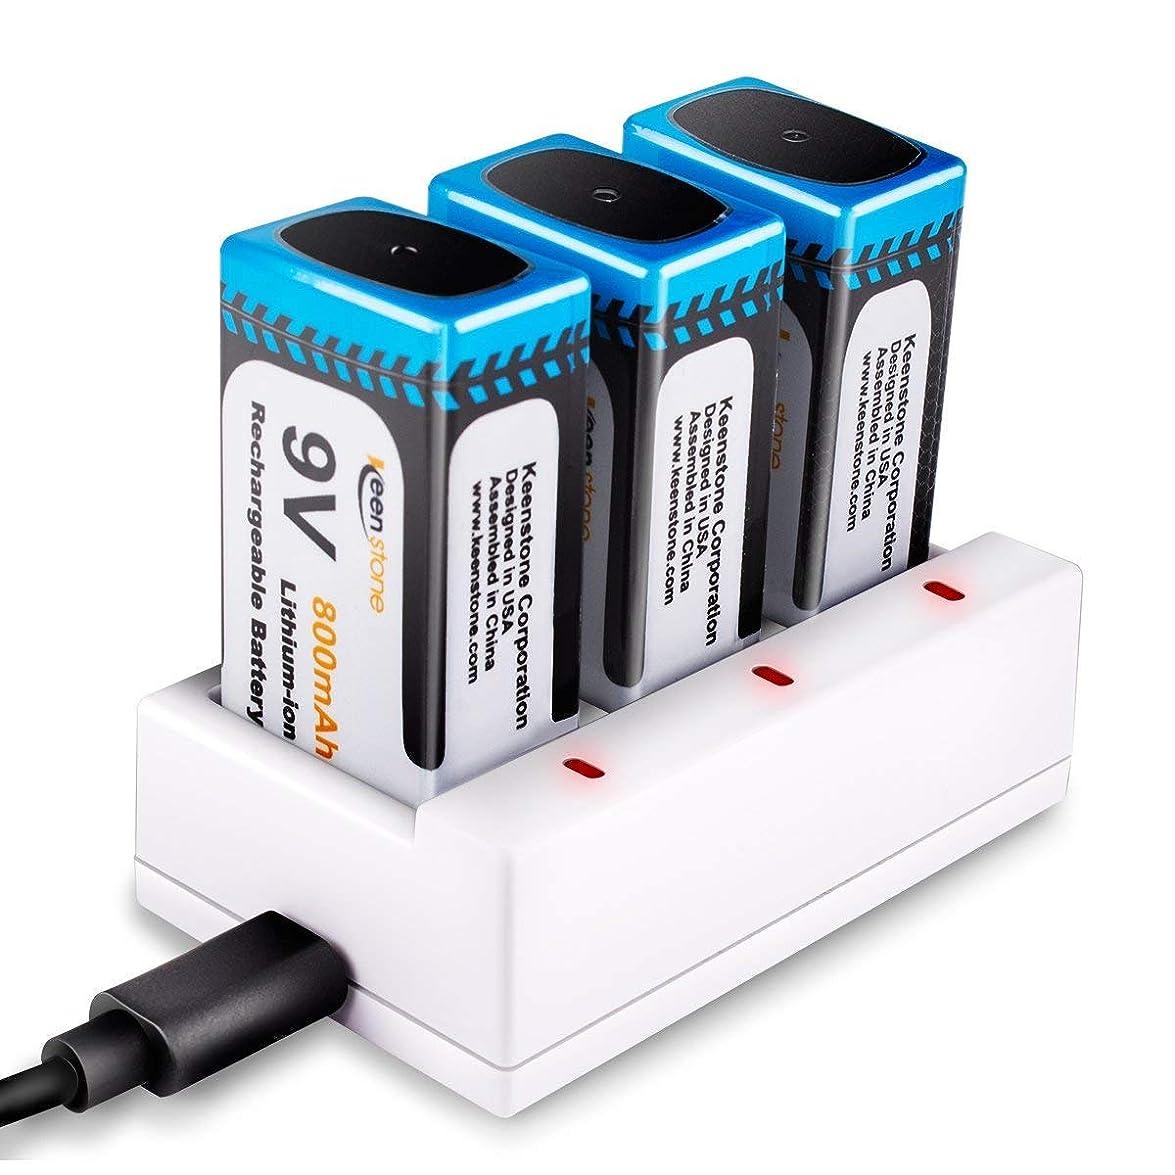 カナダ請う雄大な【新型】Keenstone 9v 電池 充電式 3個 リチウムイオン充電池 800mAh 006p カメラ/時計/ラジオ/おもちゃ電池 3ポート充電器とUSBケーブル付き